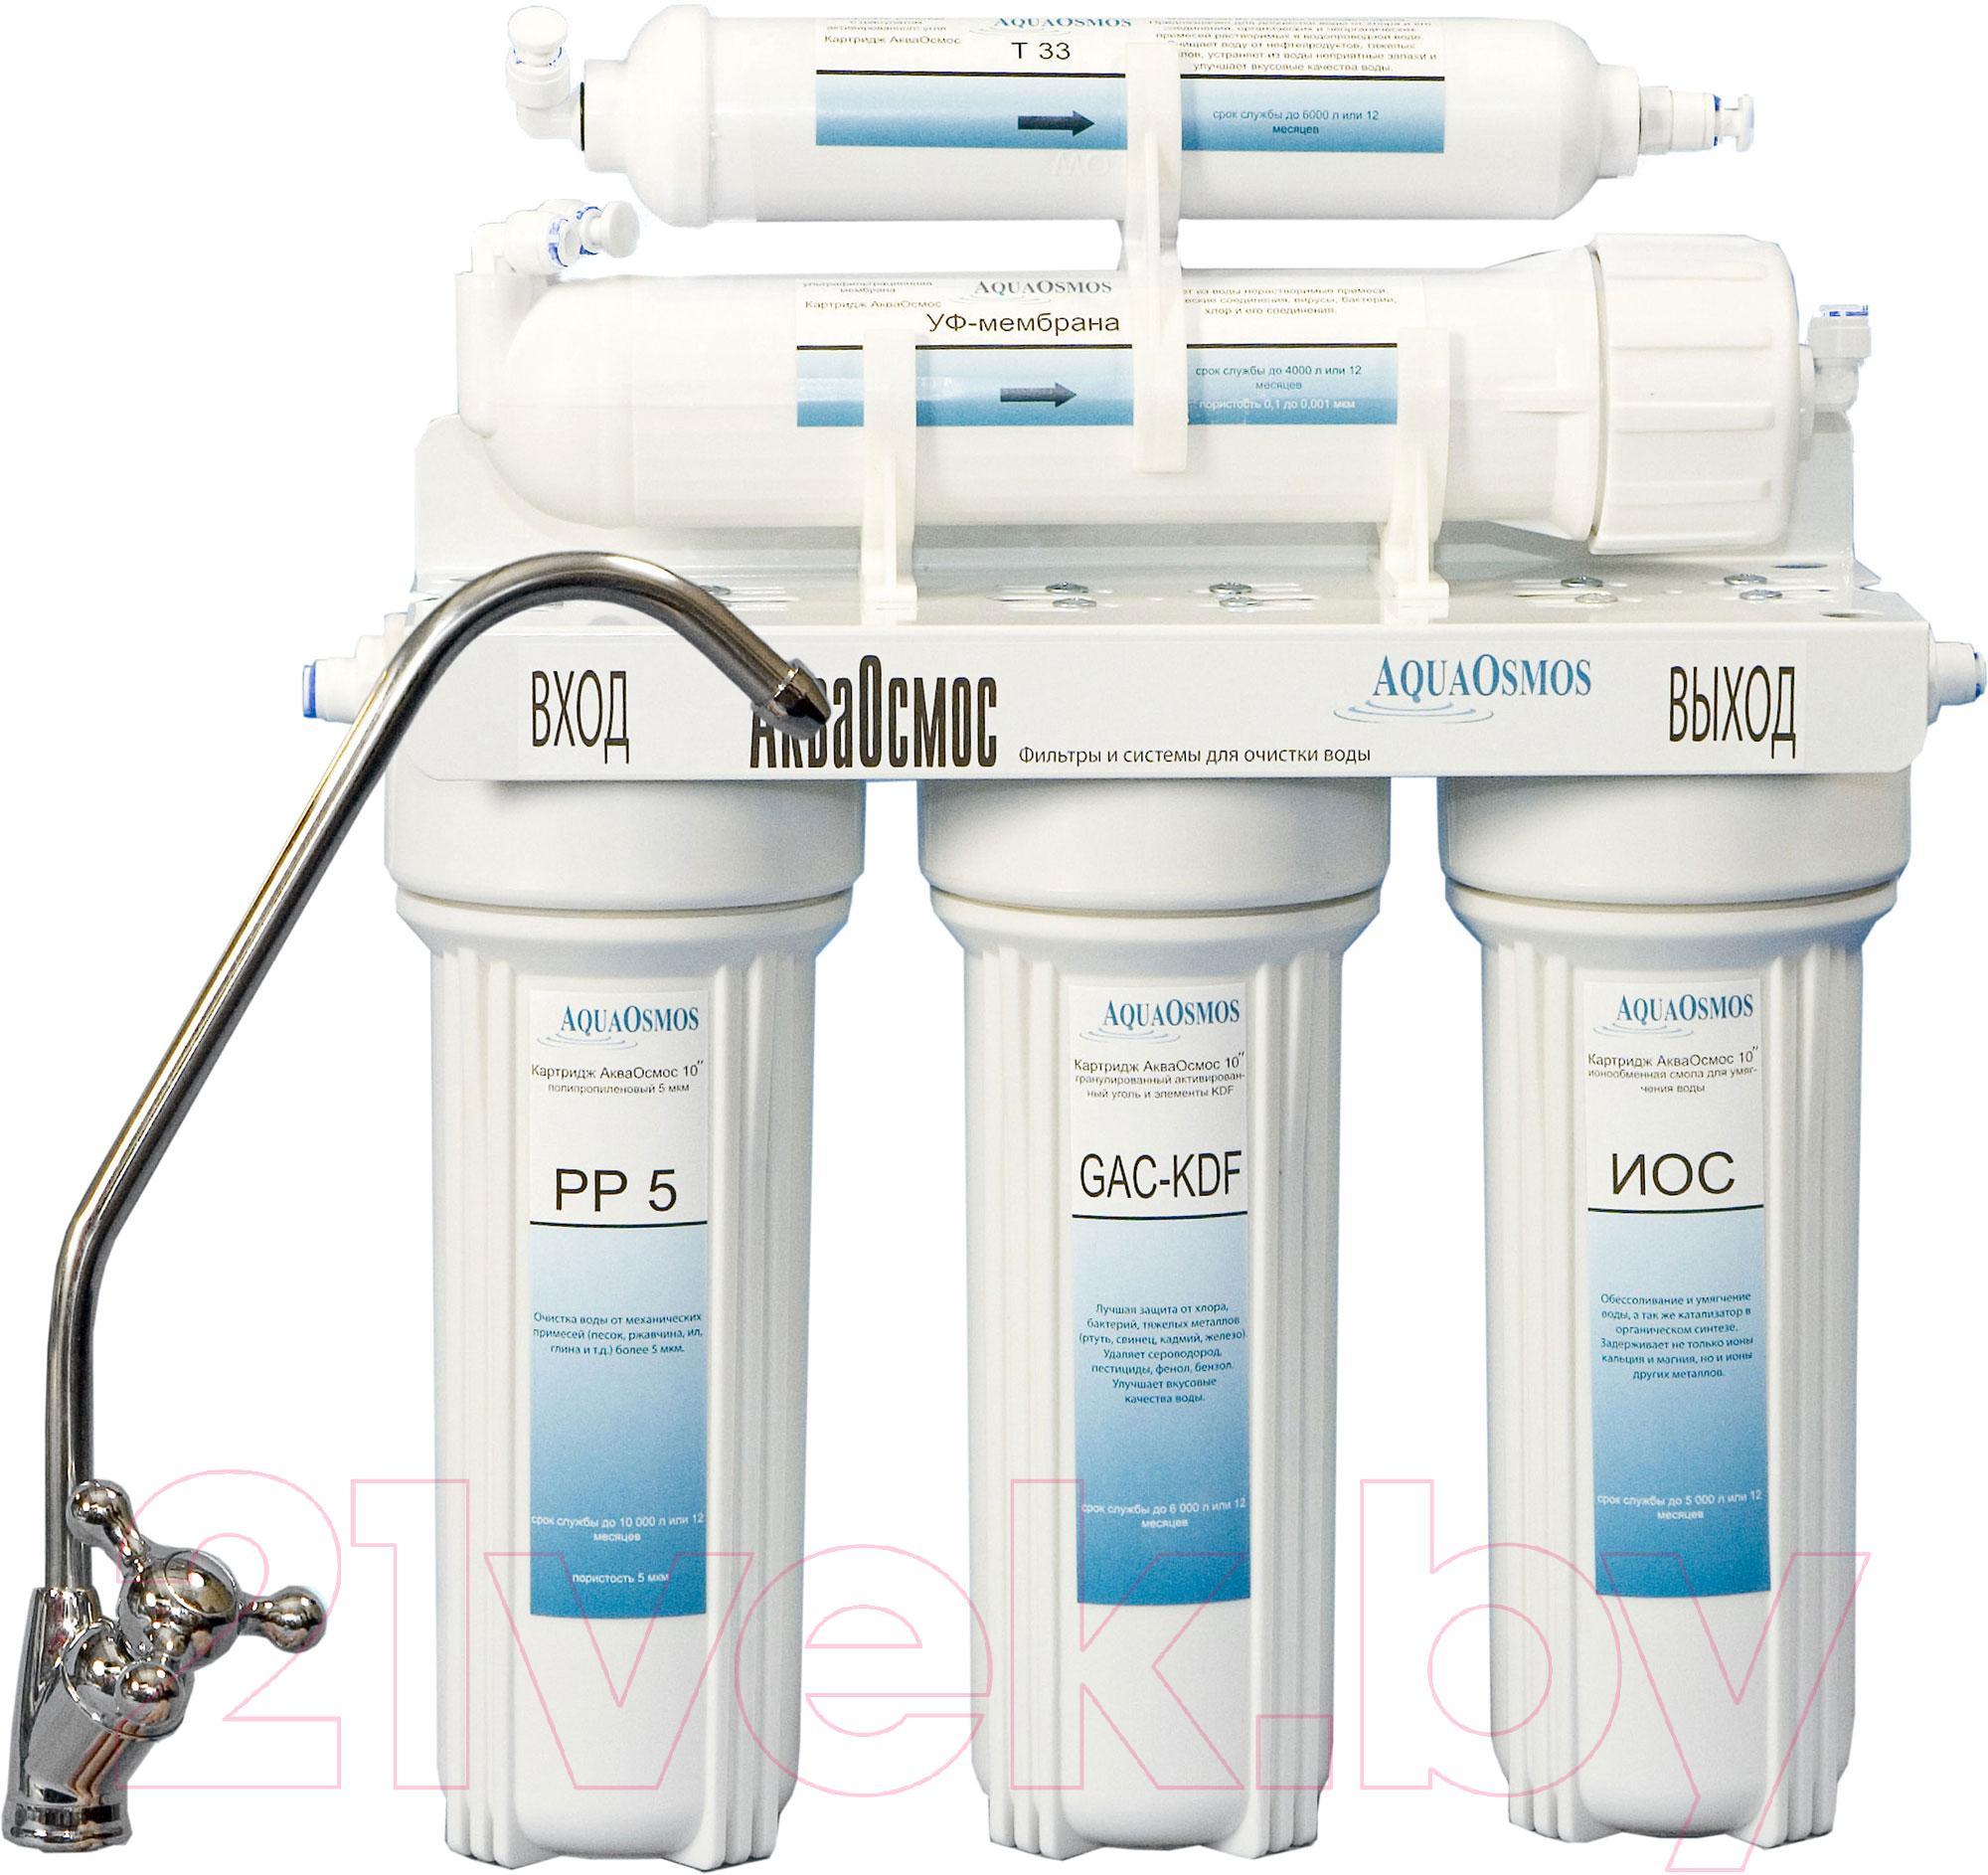 Купить Фильтр питьевой воды АкваОсмос, АО 5 УФ PP 5 + GAC-KDF + ИОС + УФ + Т 33, Беларусь